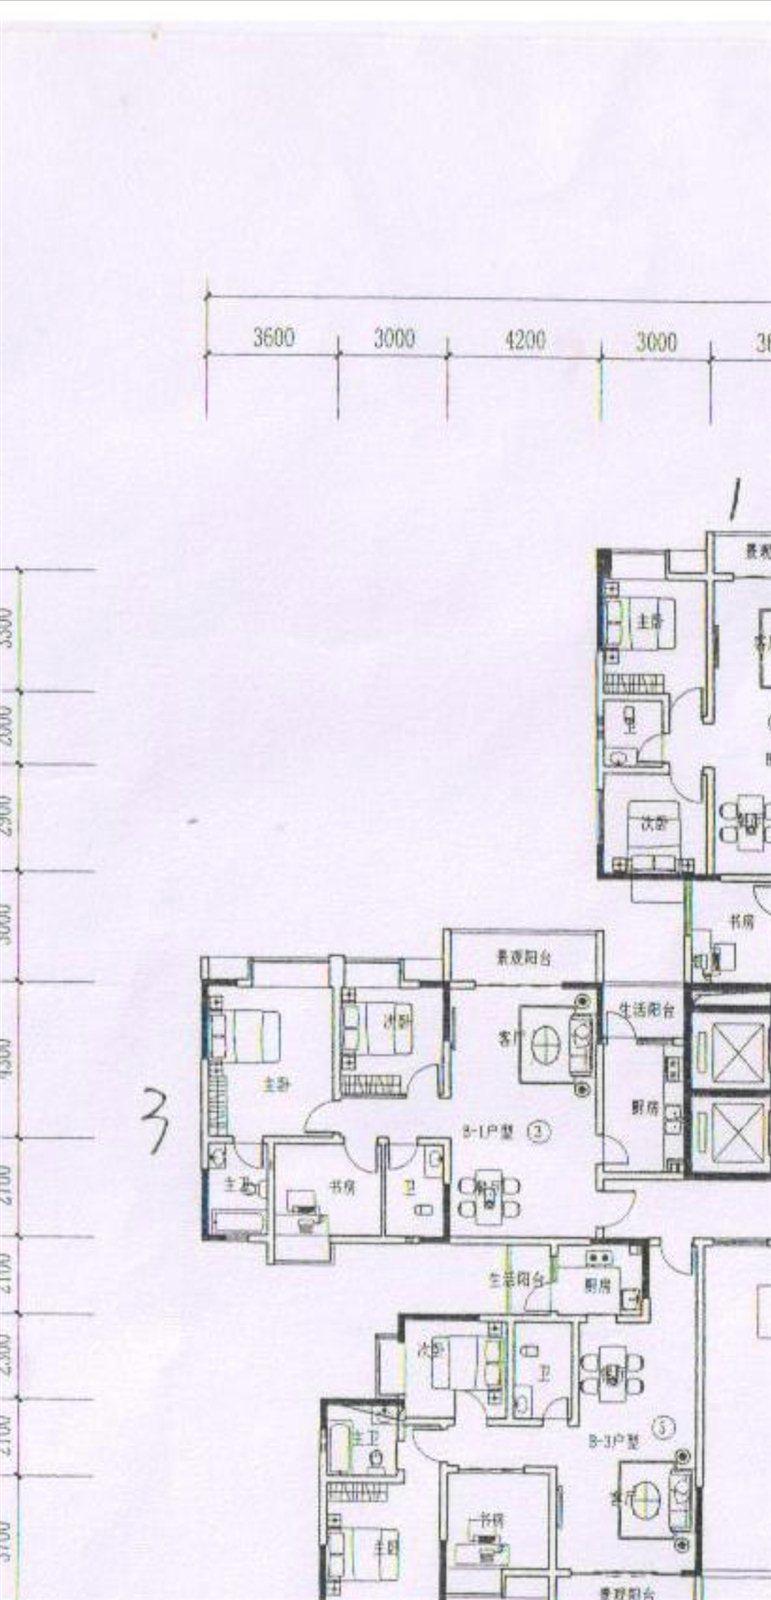 財富國際3室 2廳 2衛58萬元